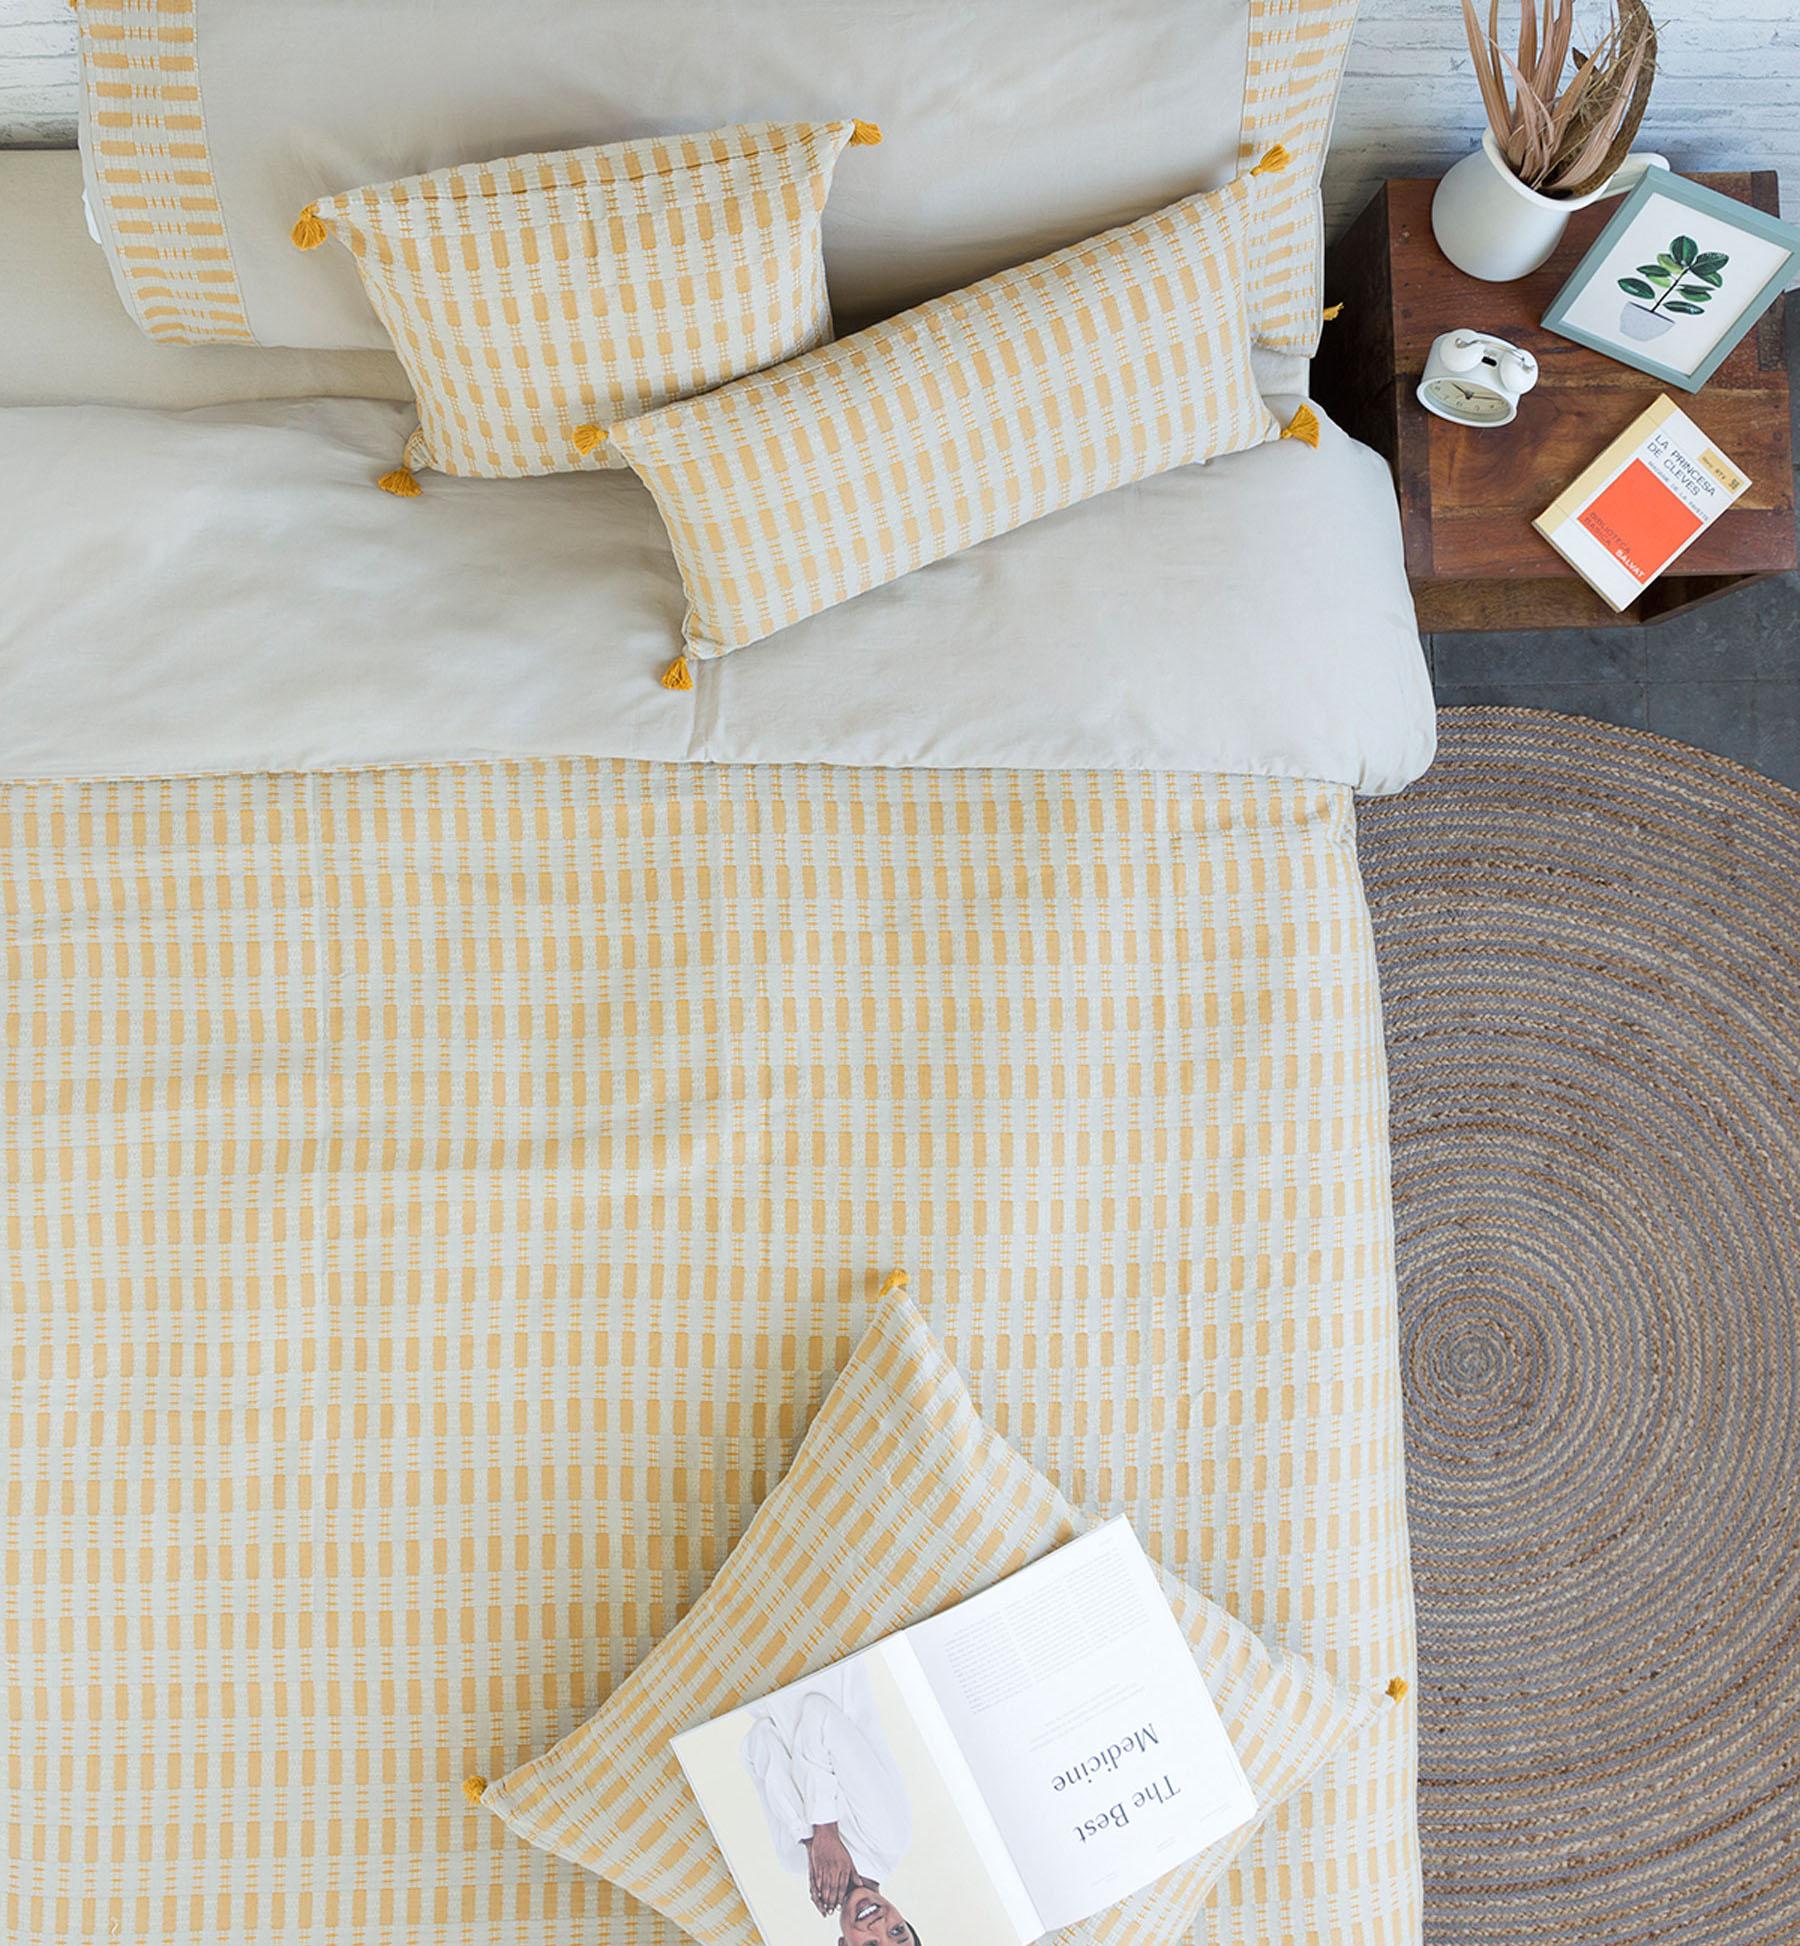 Rebajas los mejores descuentos en decoraci n - Calma house cojines ...